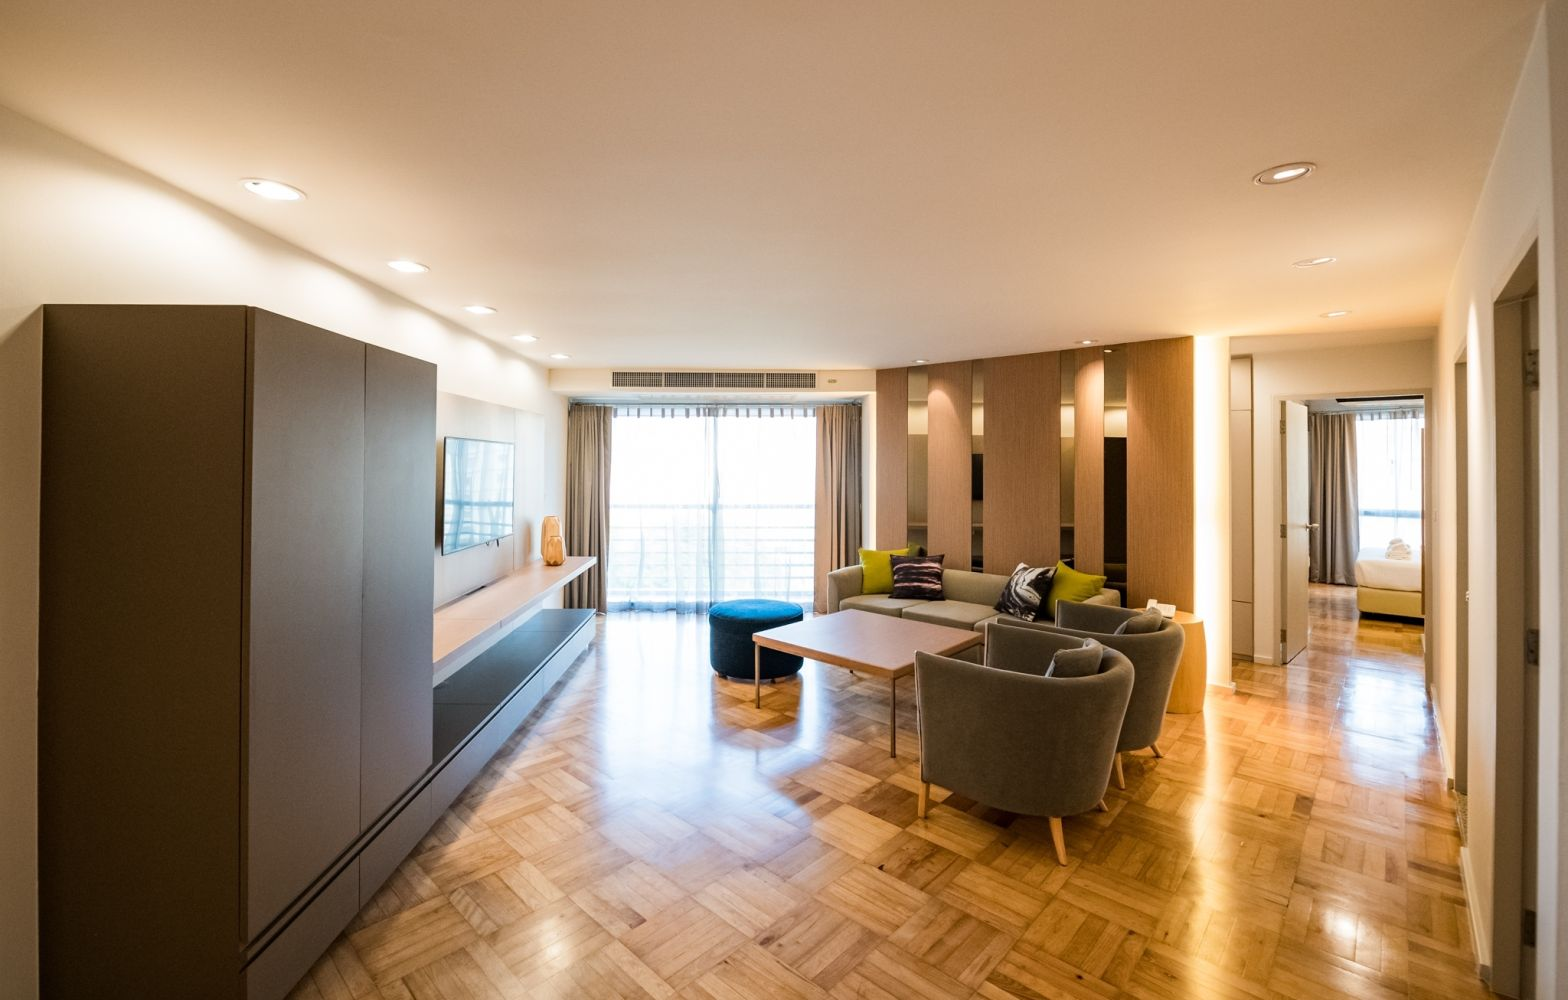 曼谷2居室公寓租赁终极家庭指南 1